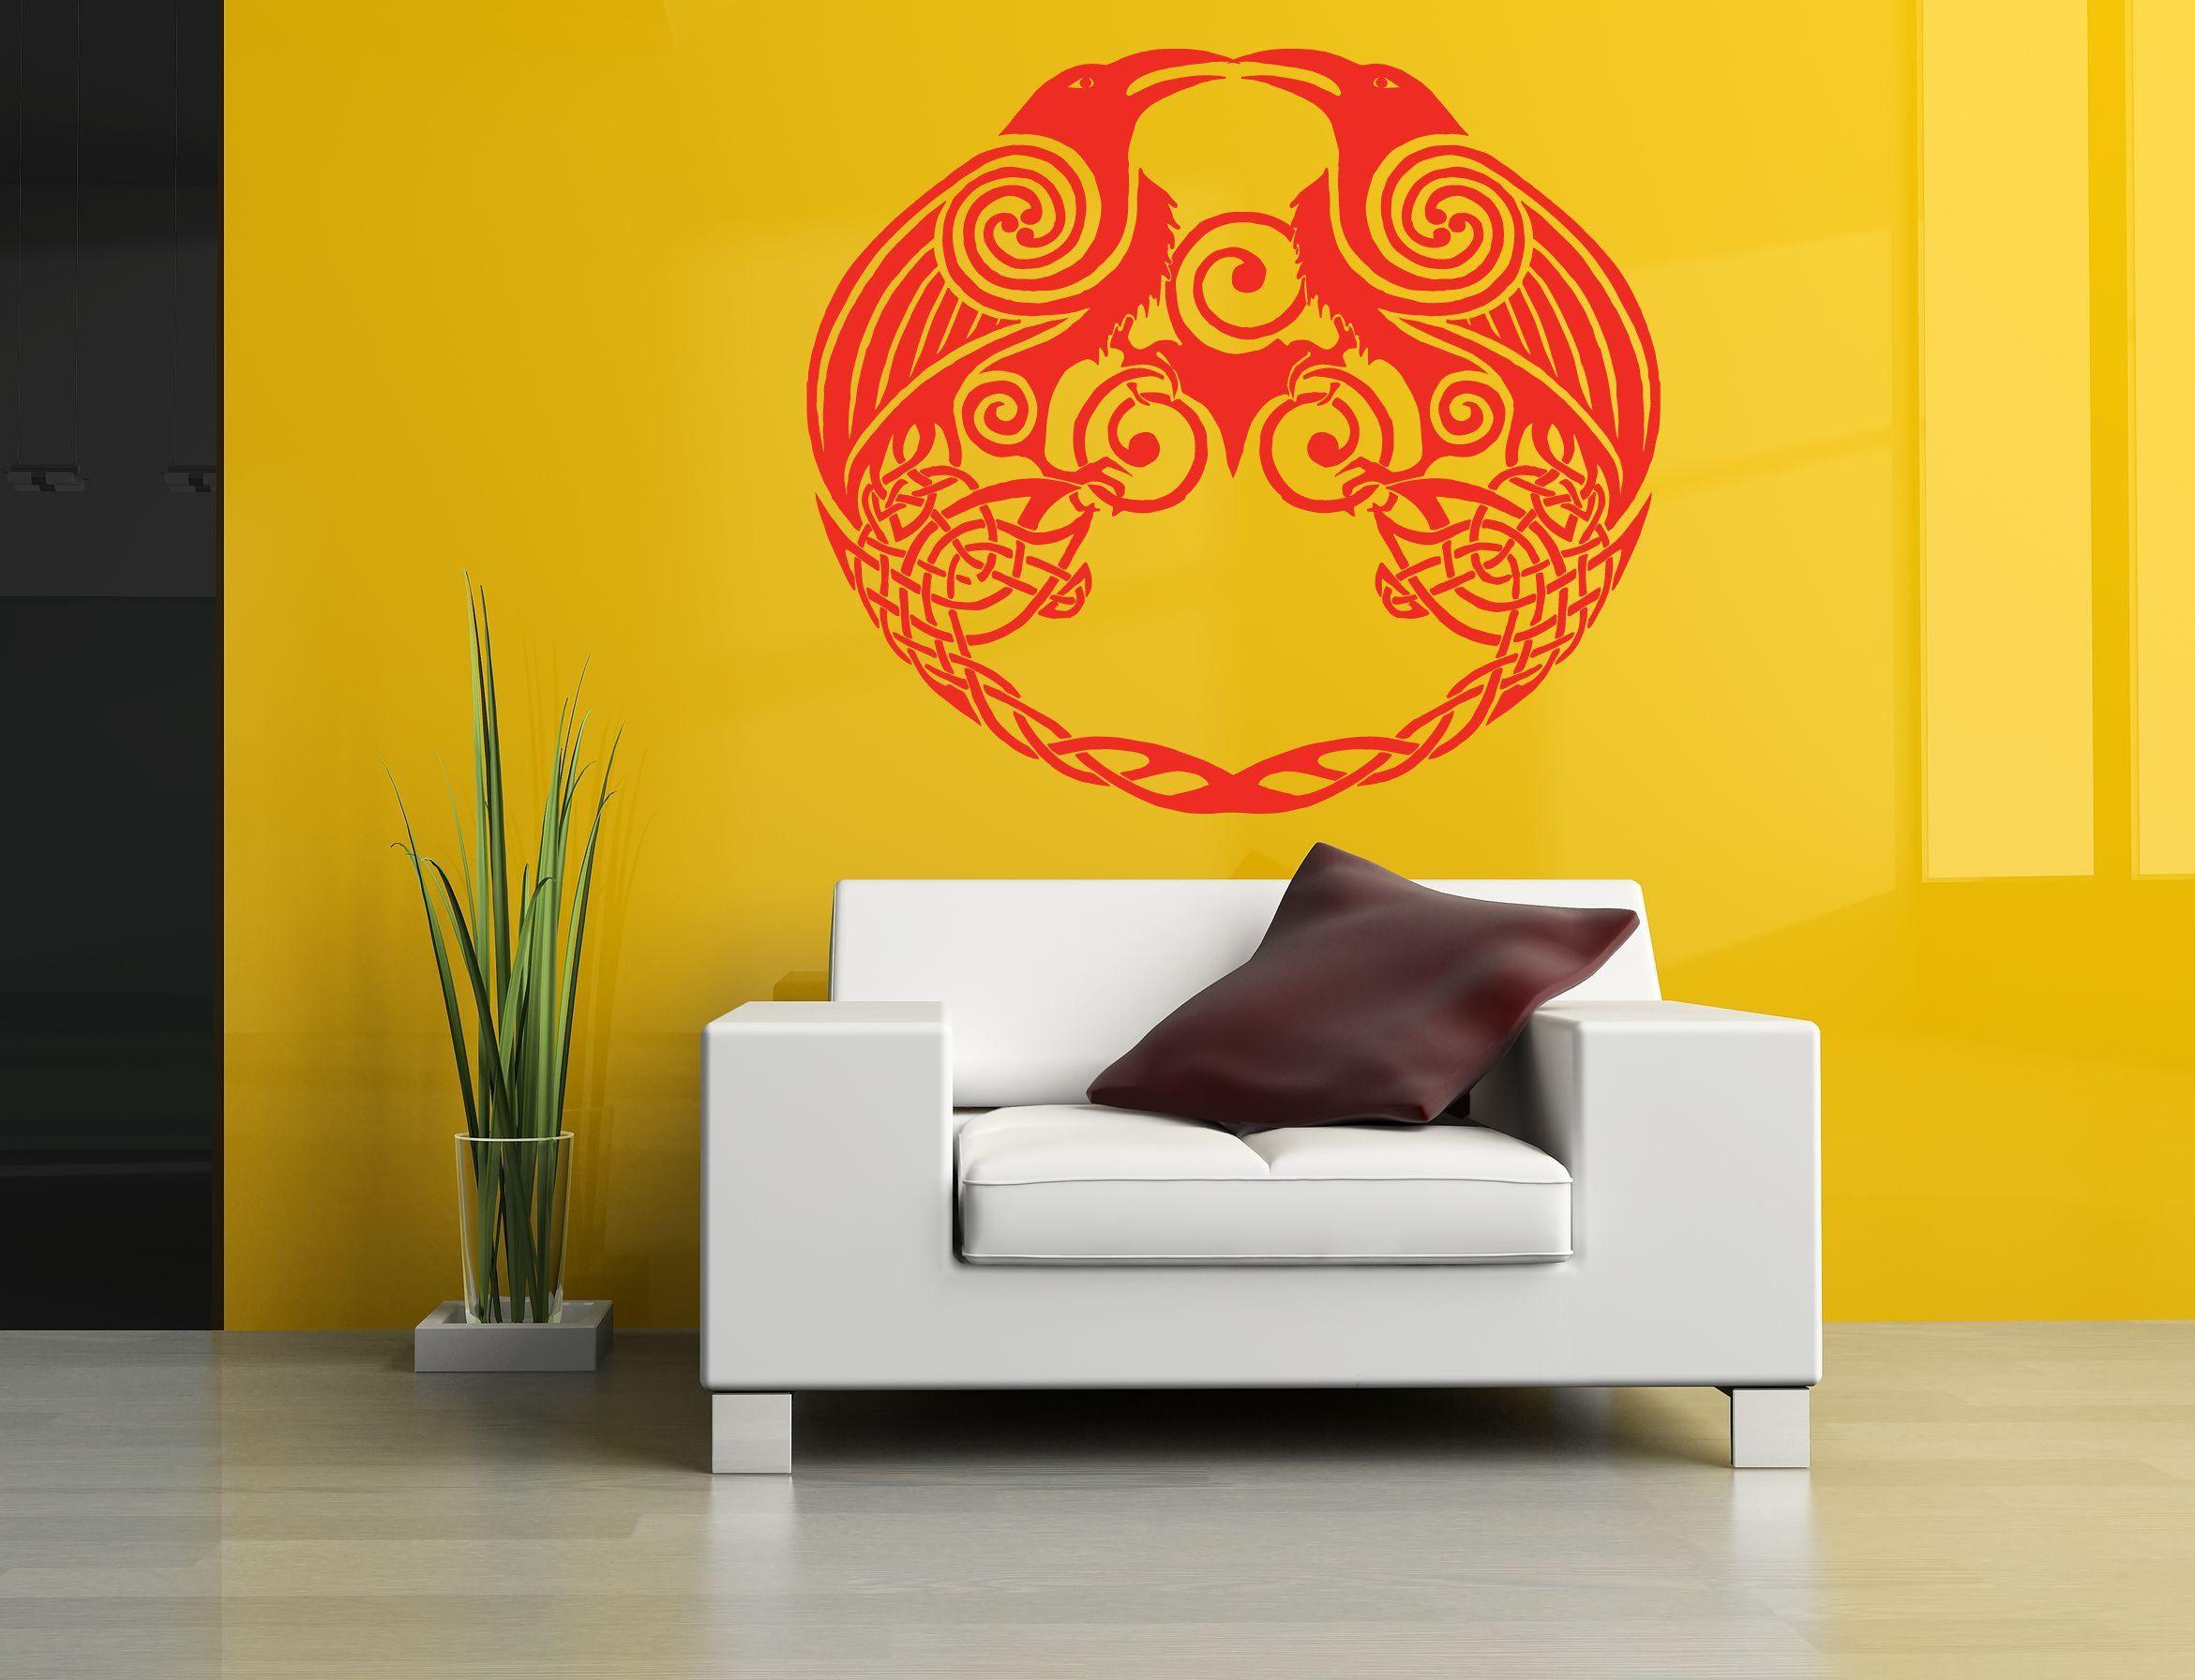 Wall Room Decor Art Vinyl Sticker Mural Decal Birds Crow Raven ...